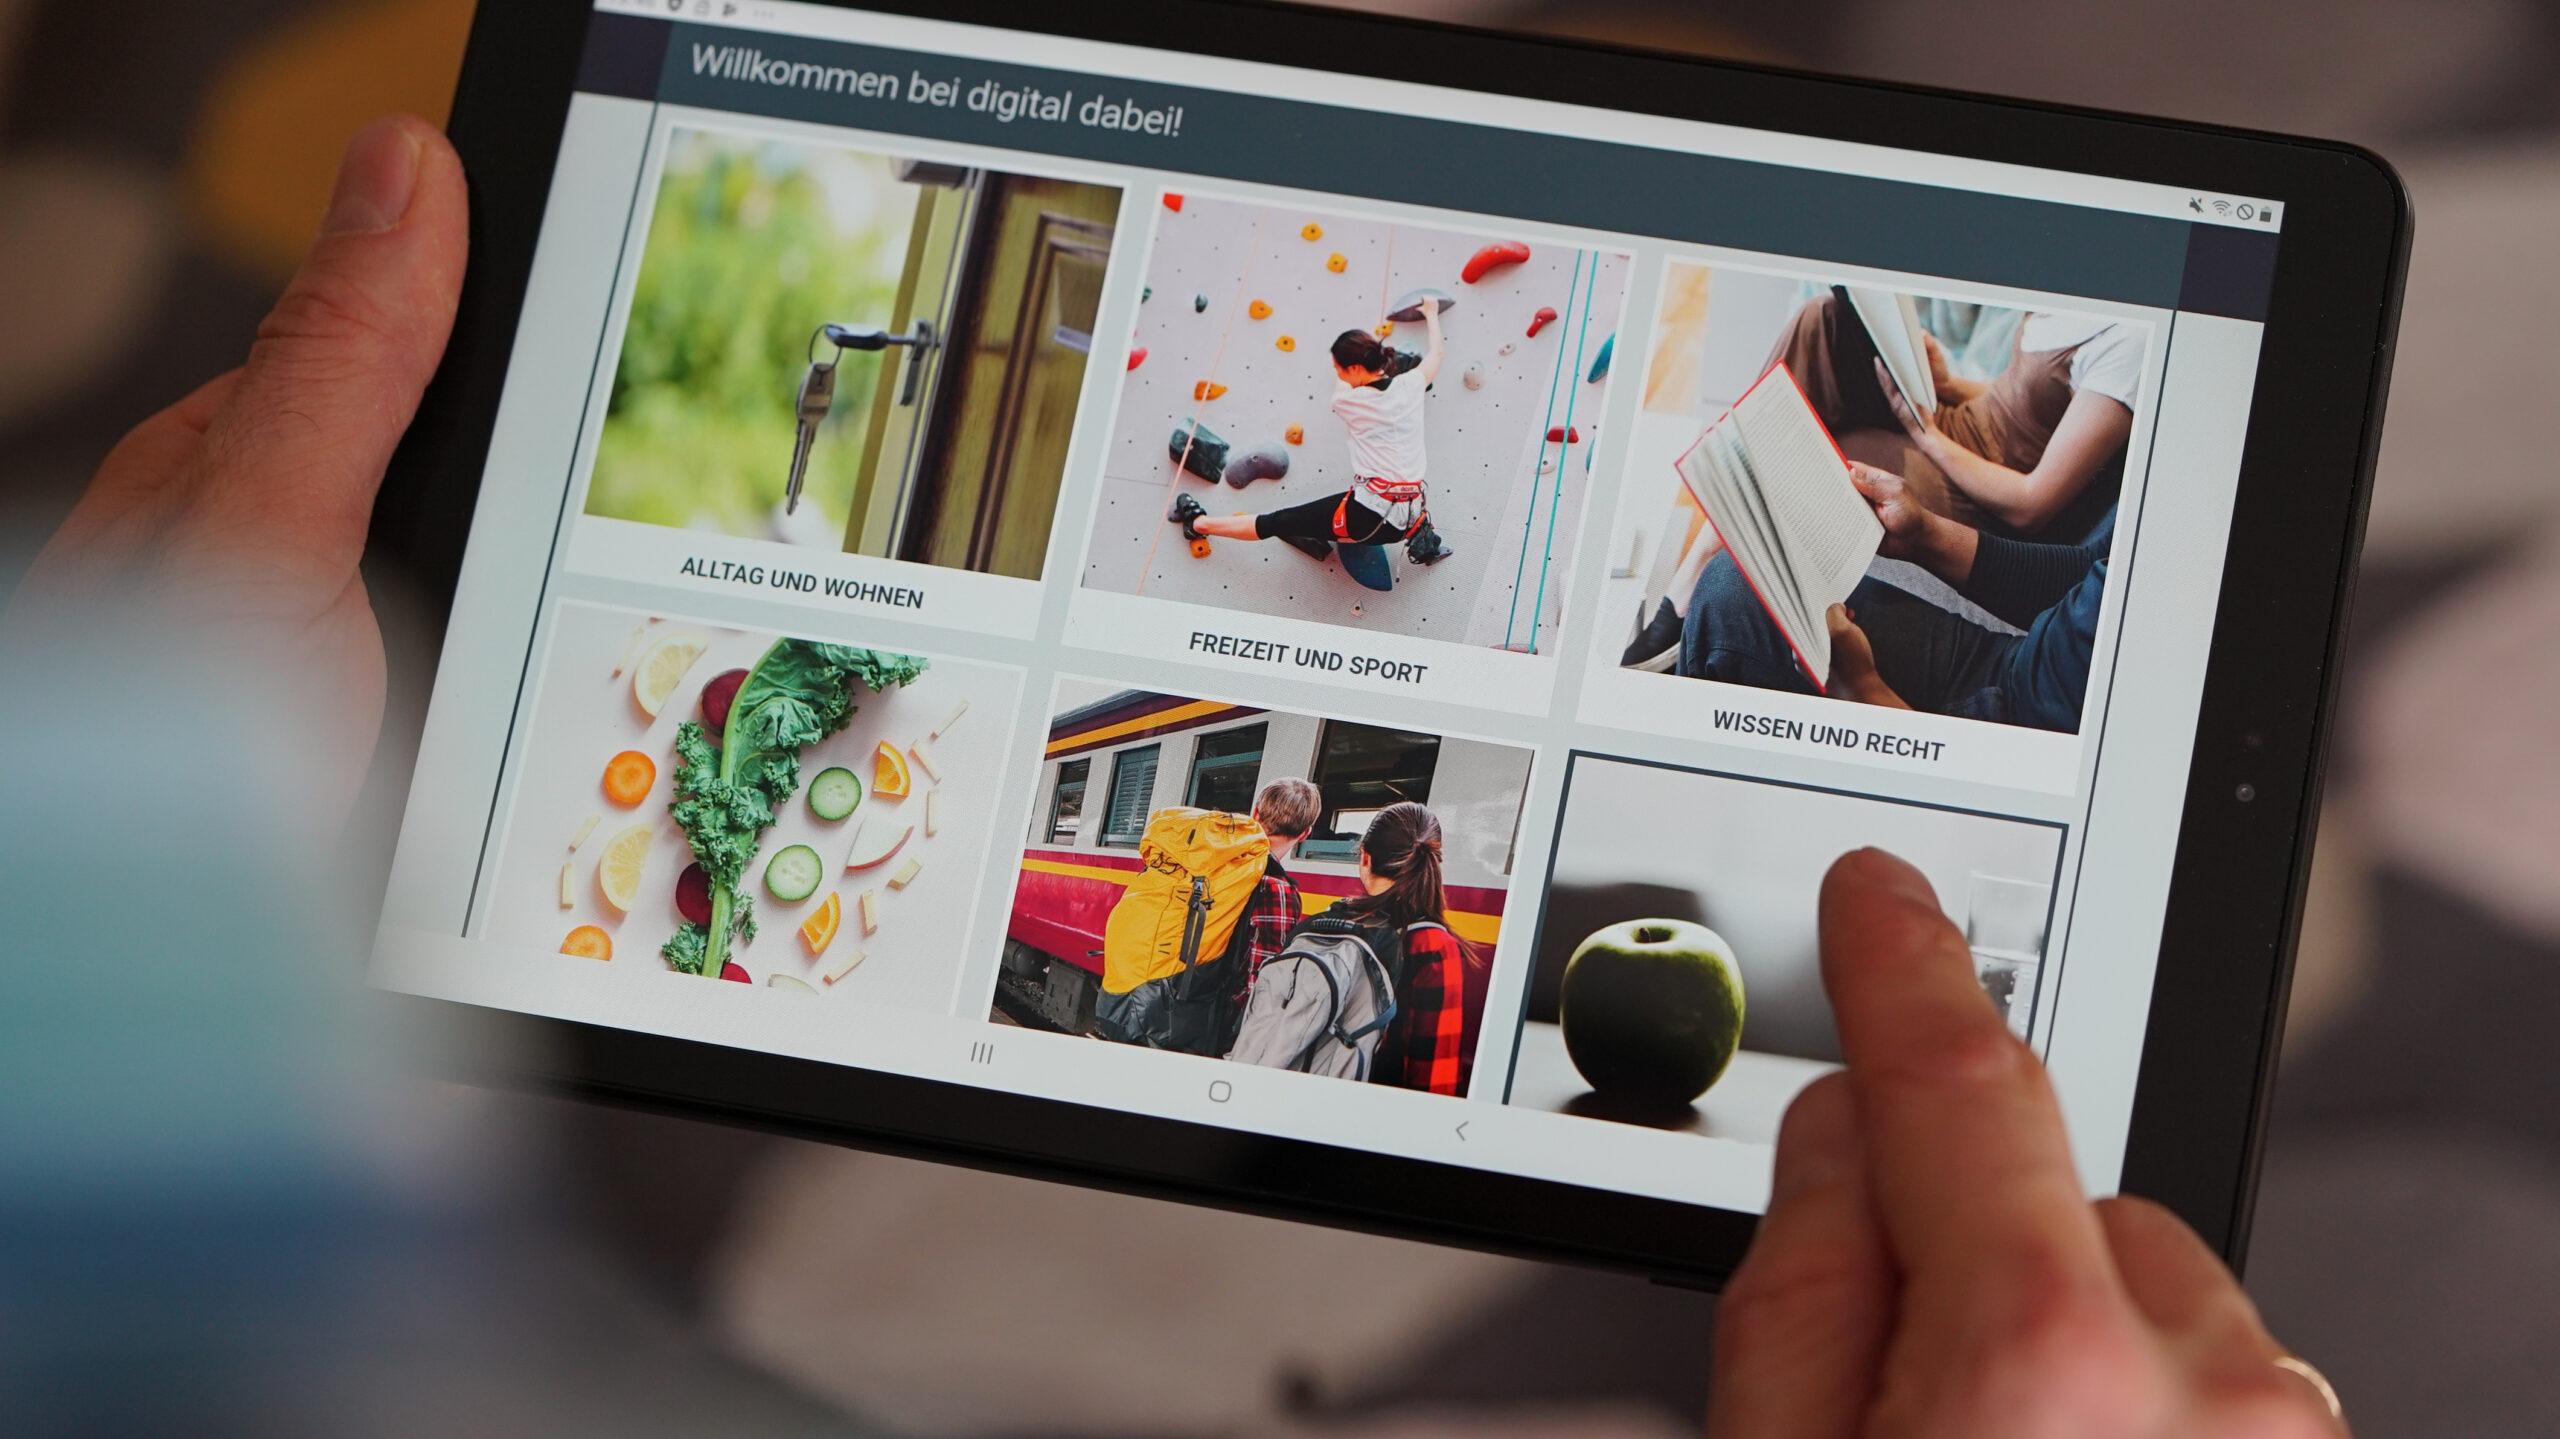 Das Bild zeigt ein Tablet auf dem die interaktive E-Learnung Plattform